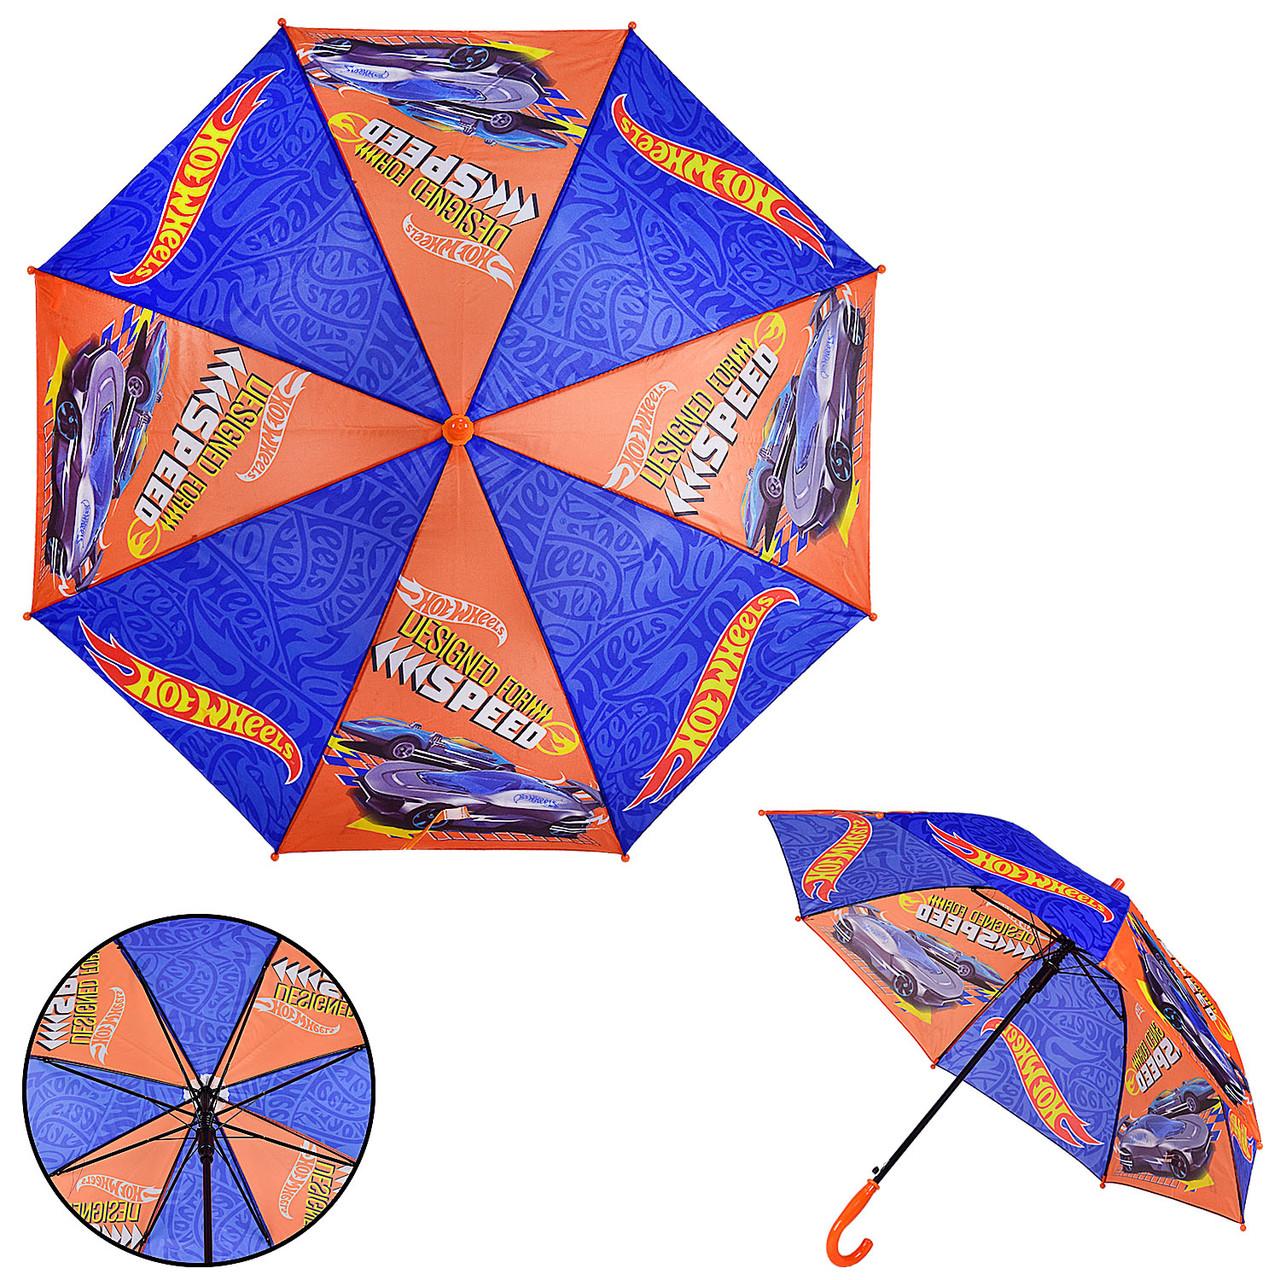 Дитяча парасолька Hot Wheels PL8205  (60шт) полиэстер, р-р трости – 67 см, диаметр в раскрытом виде – 86